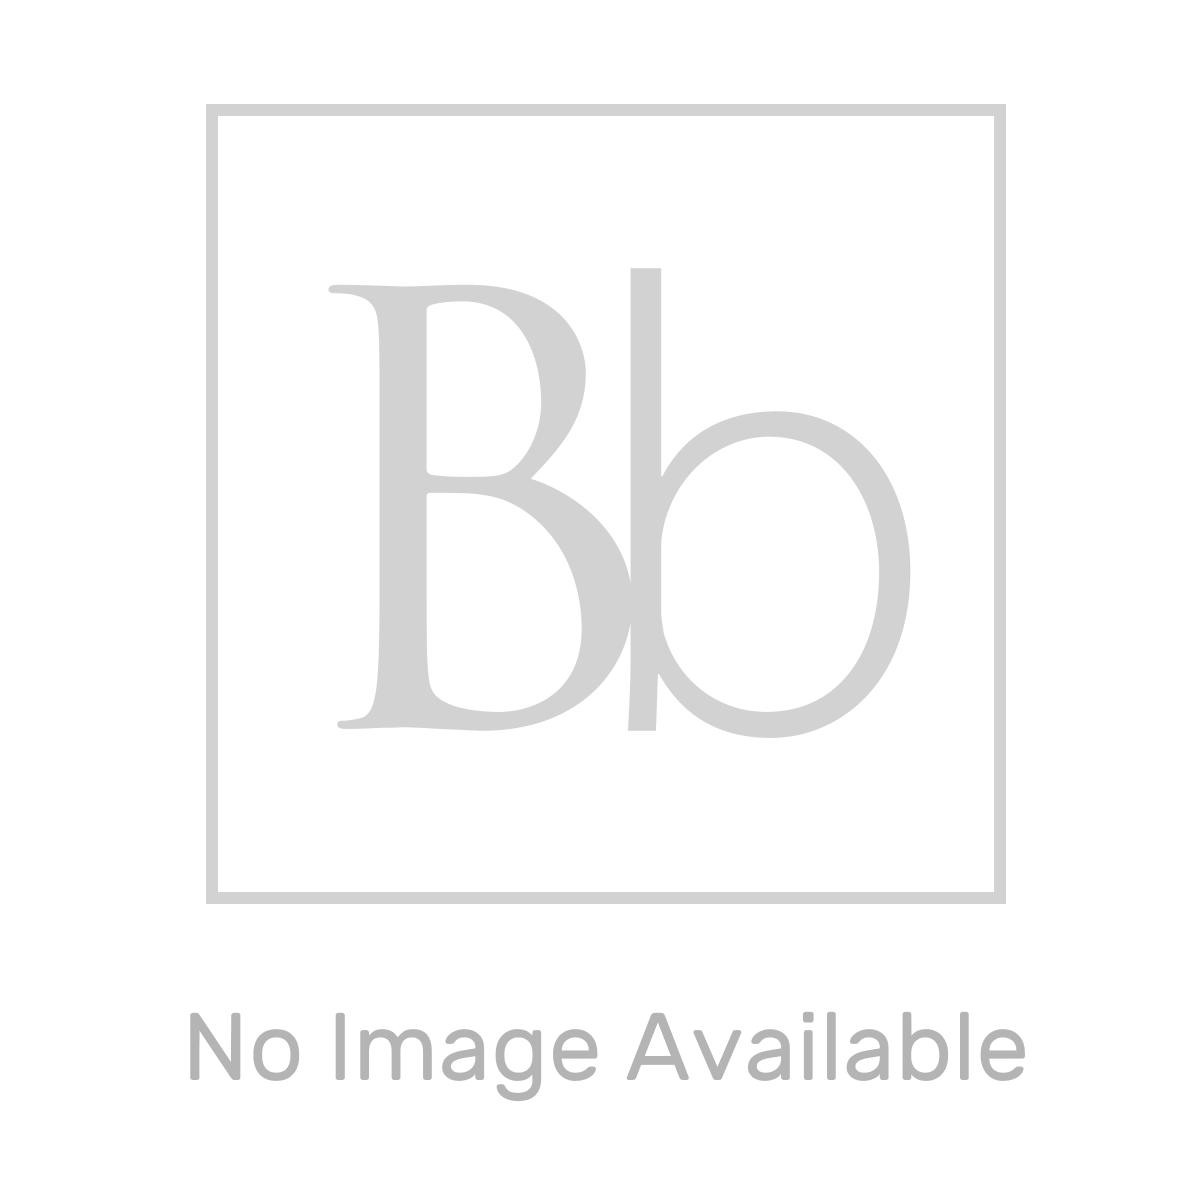 RAK Series 600 Back To Wall Toilet and 400 Series Walnut Mini Vanity Unit